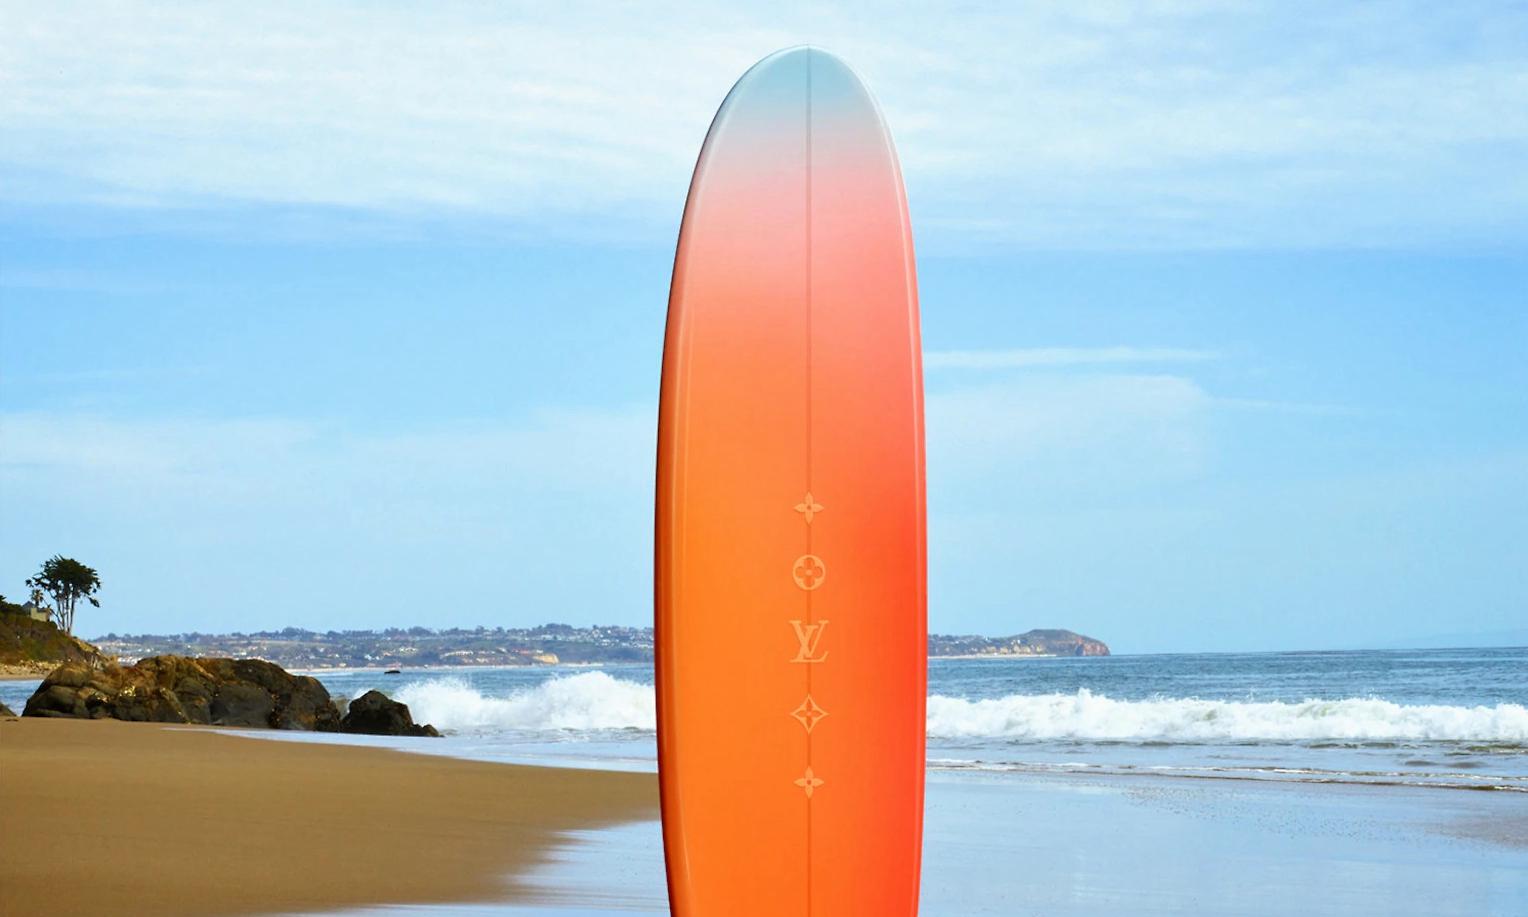 售价 10 万港币的 LV 冲浪板...